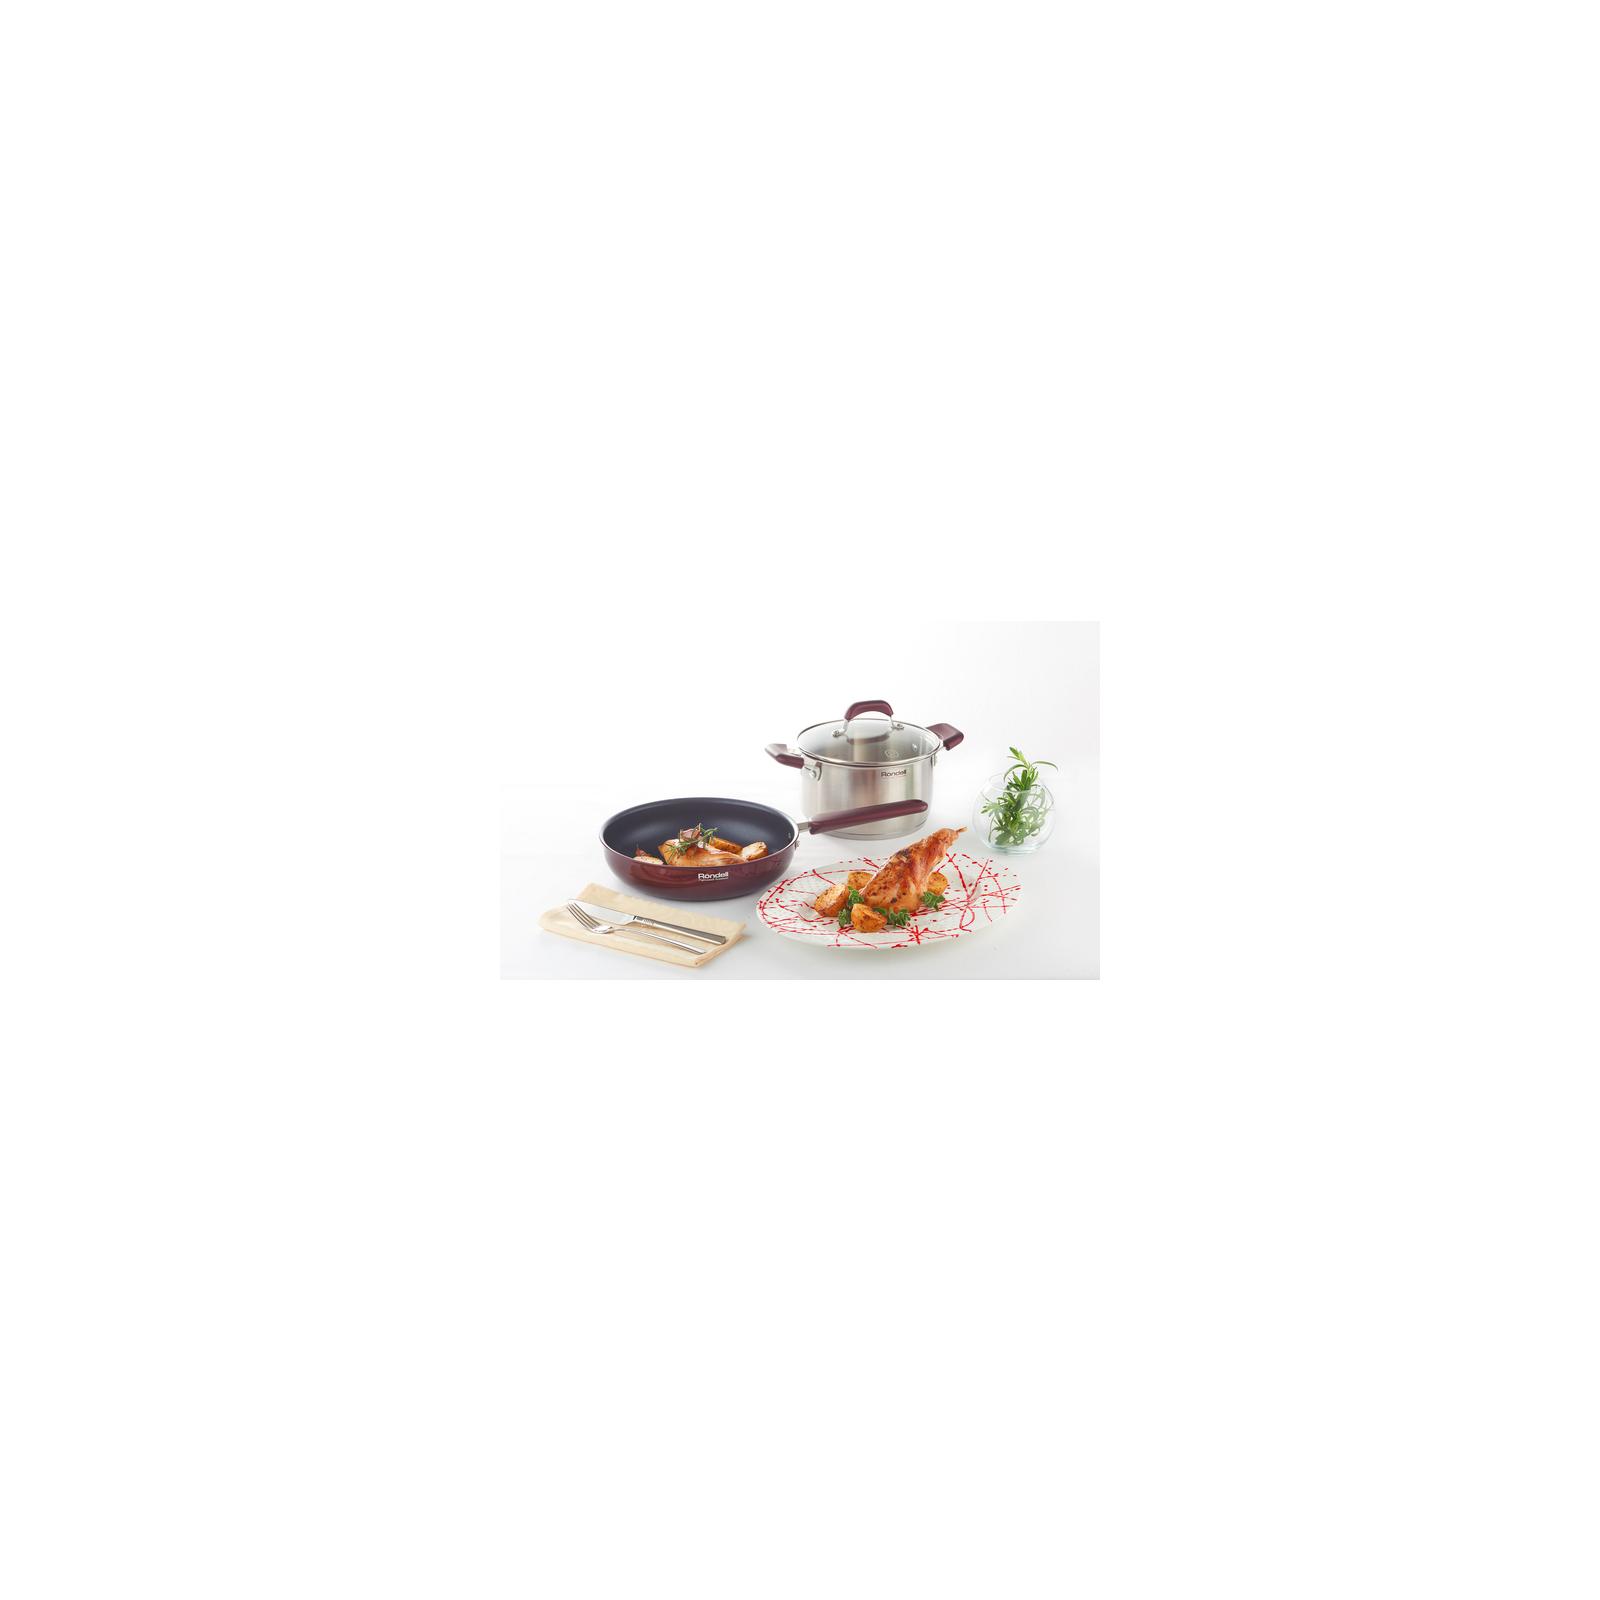 Набор посуды Rondell Bojole 8 предметов (RDS-824) изображение 4